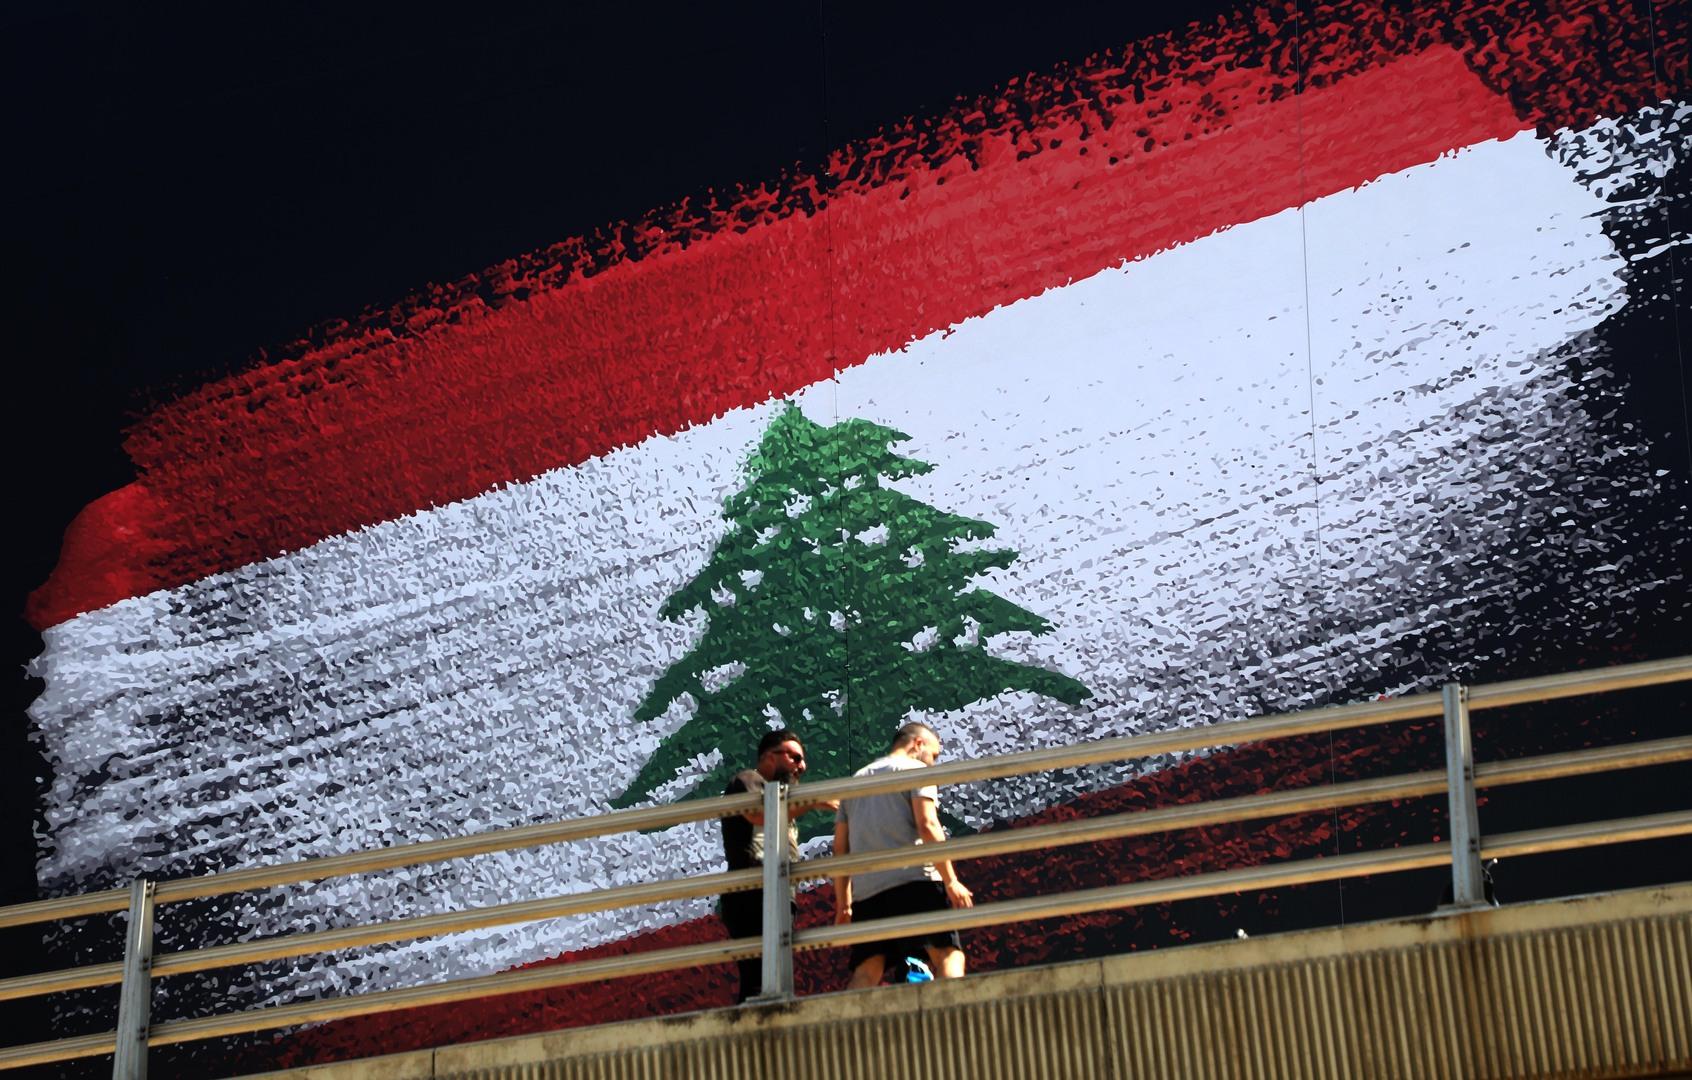 البرلمان اللبناني يمنح الثقة لحكومة نجيب ميقاتي بأغلبية أعضائه